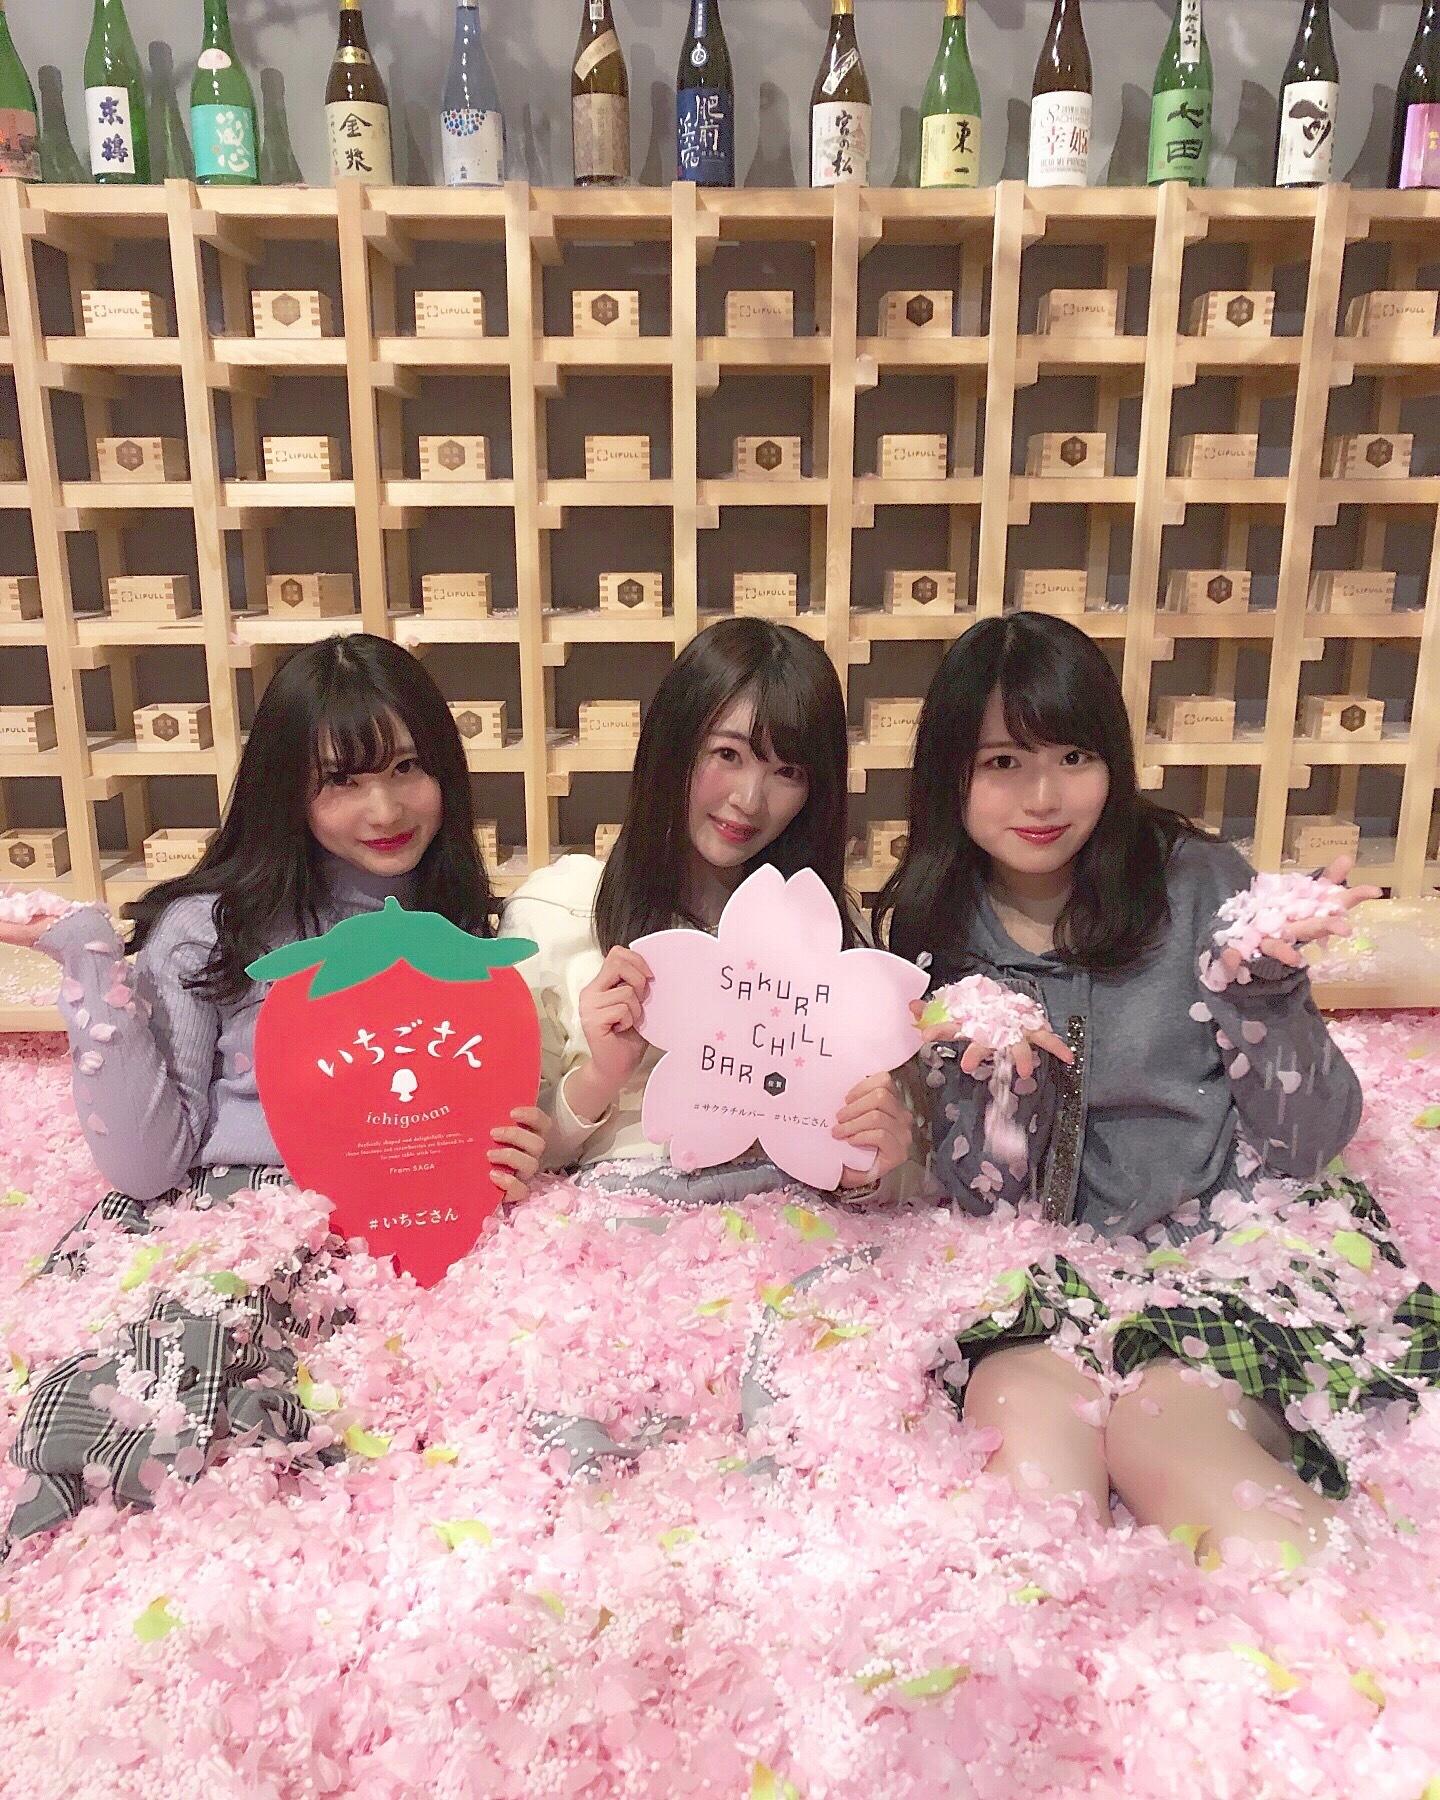 【注目春イベント♥】桜が屋内で楽しめる?SAKURA CHILL BARが楽しい!_1_3